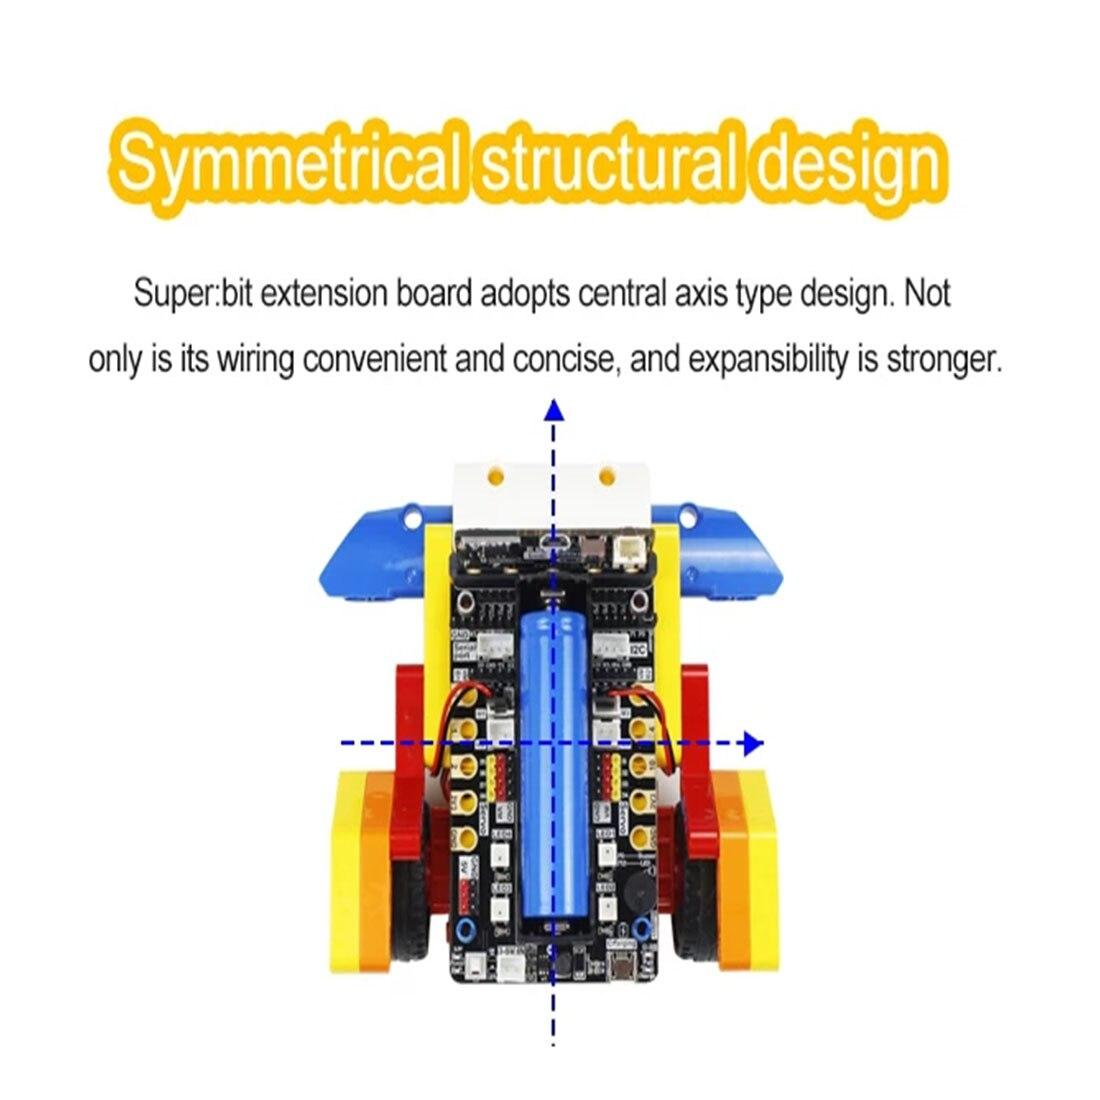 Programm Intelligente Roboter Baustein Auto Kit Verschiedene Formen Dampf Programmierung Bildung Auto Für Micro: Bit Programmierbare Spielzeug - 4